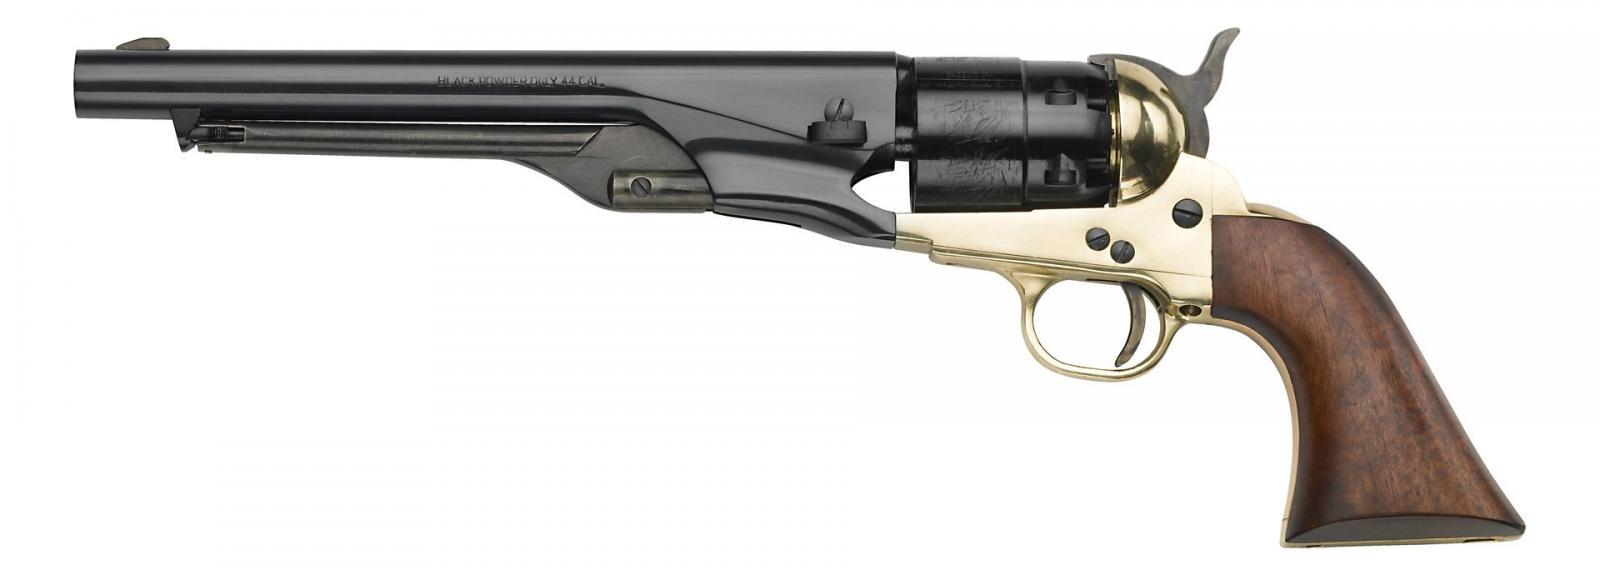 Revolver PIETTA 1860 ARMY LAITON Cal. 44